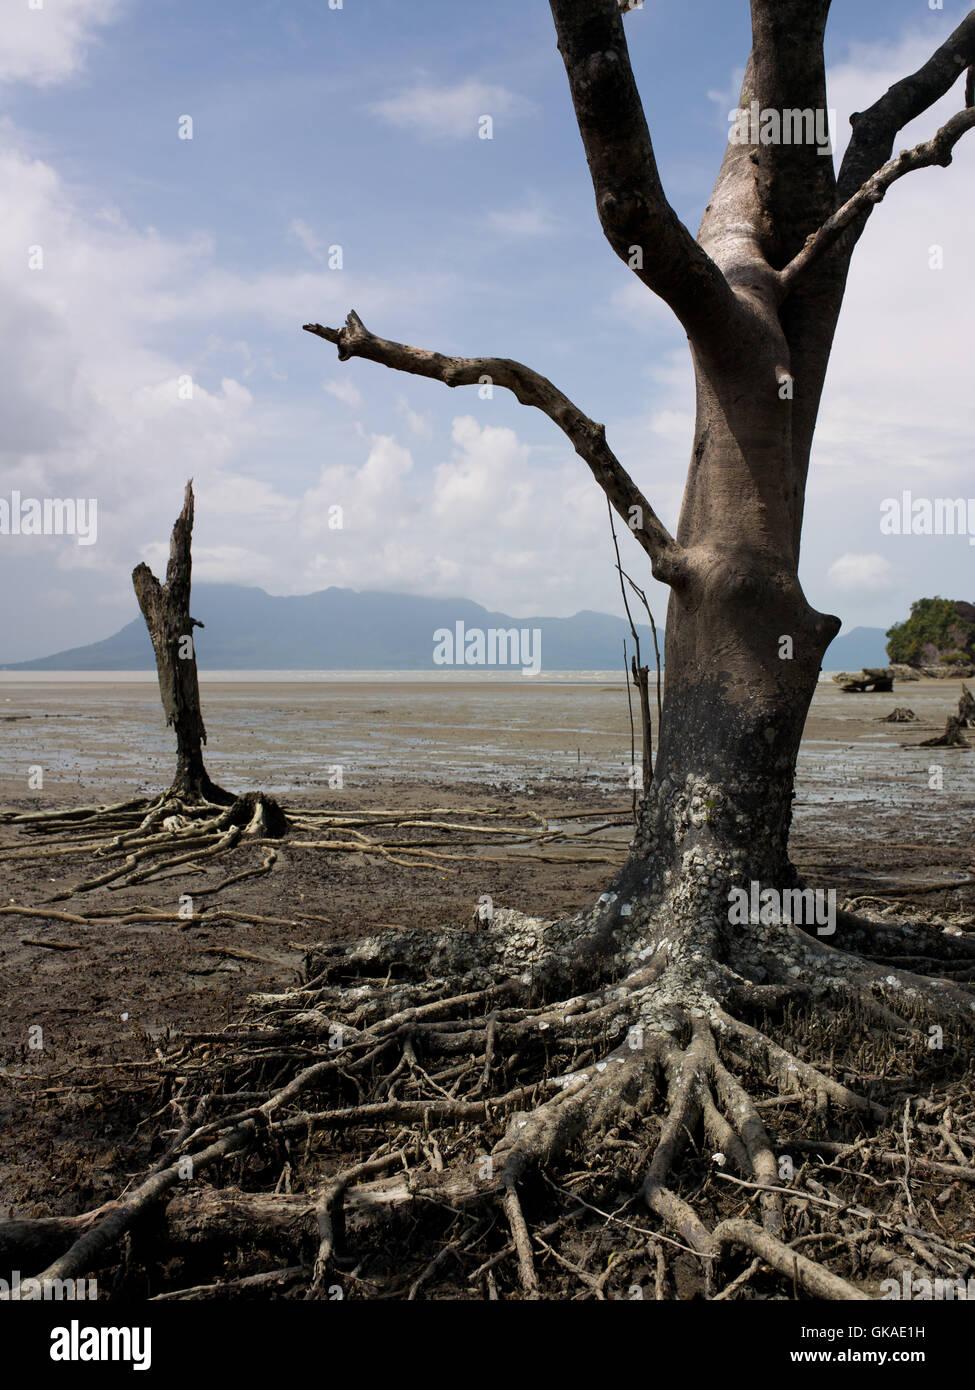 Environnement Environnement l'écosystème Photo Stock